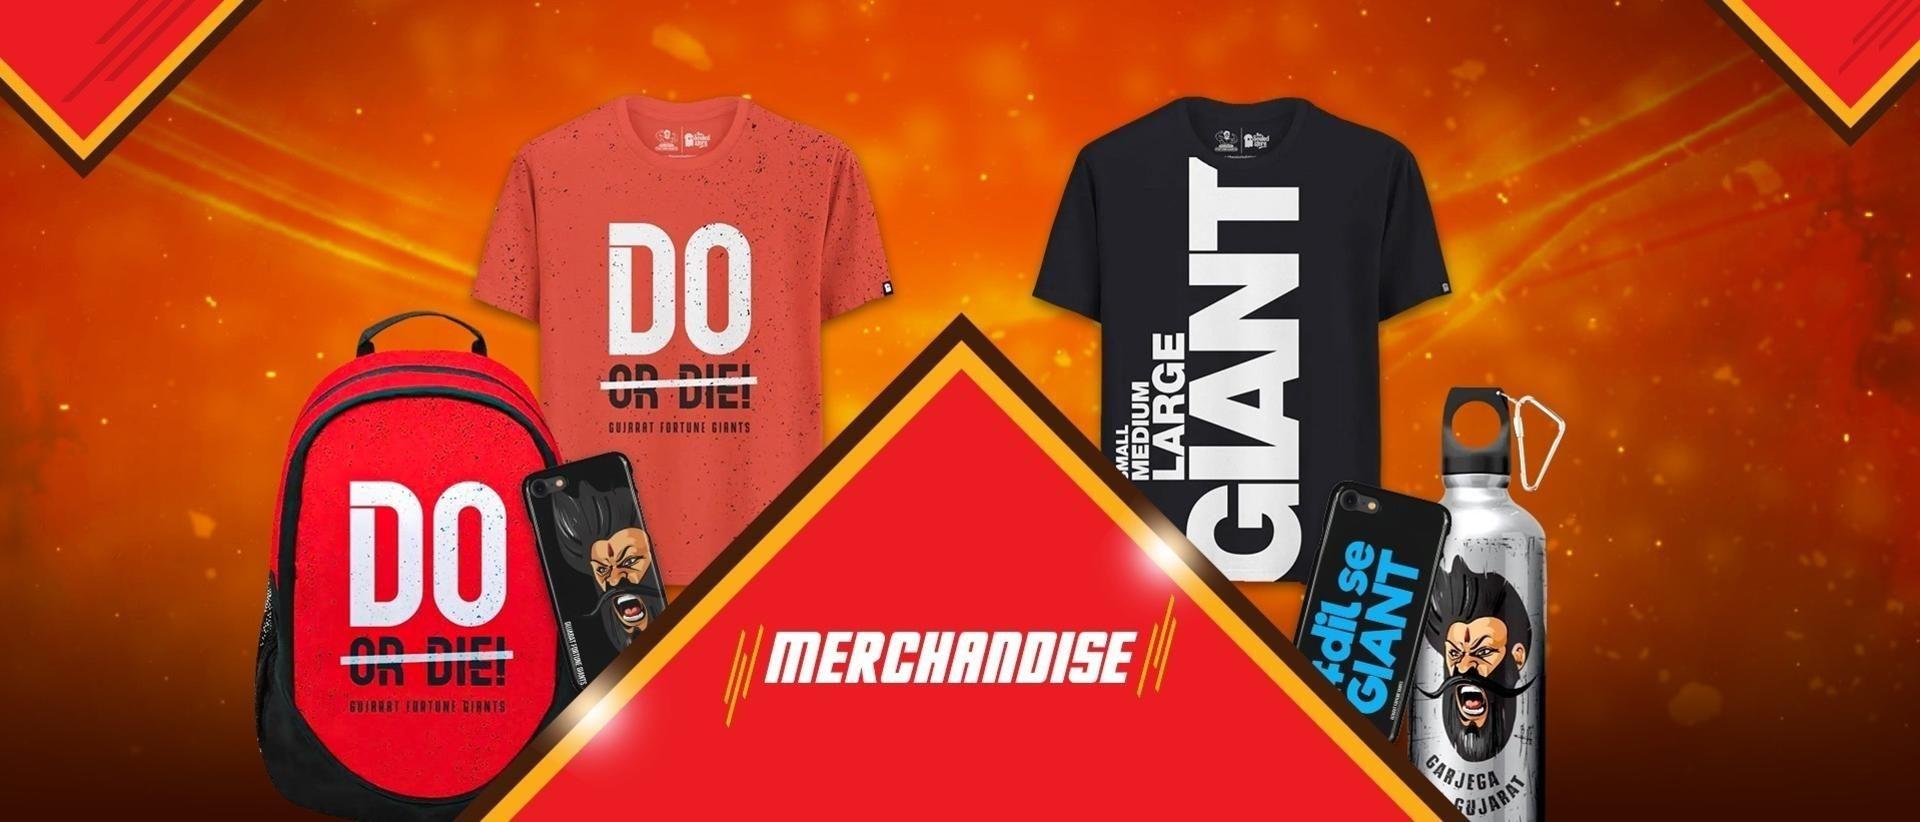 Merchandise Banner]